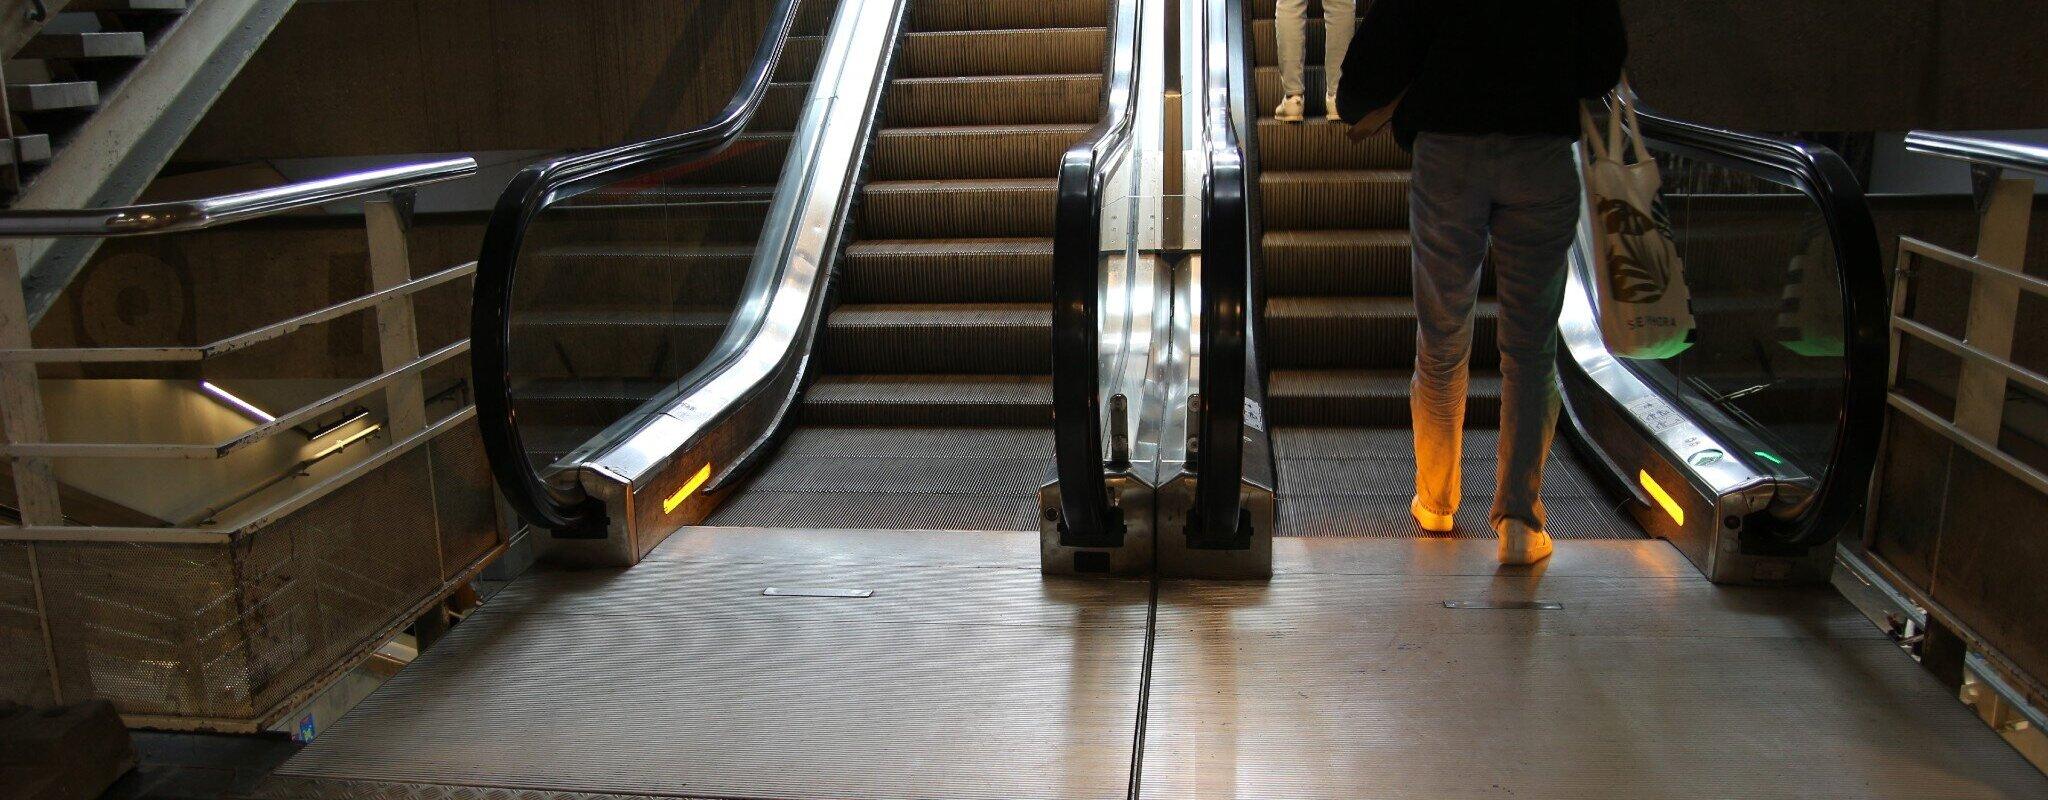 Pourquoi les escalators de la station gare centrale sont toujours en panne